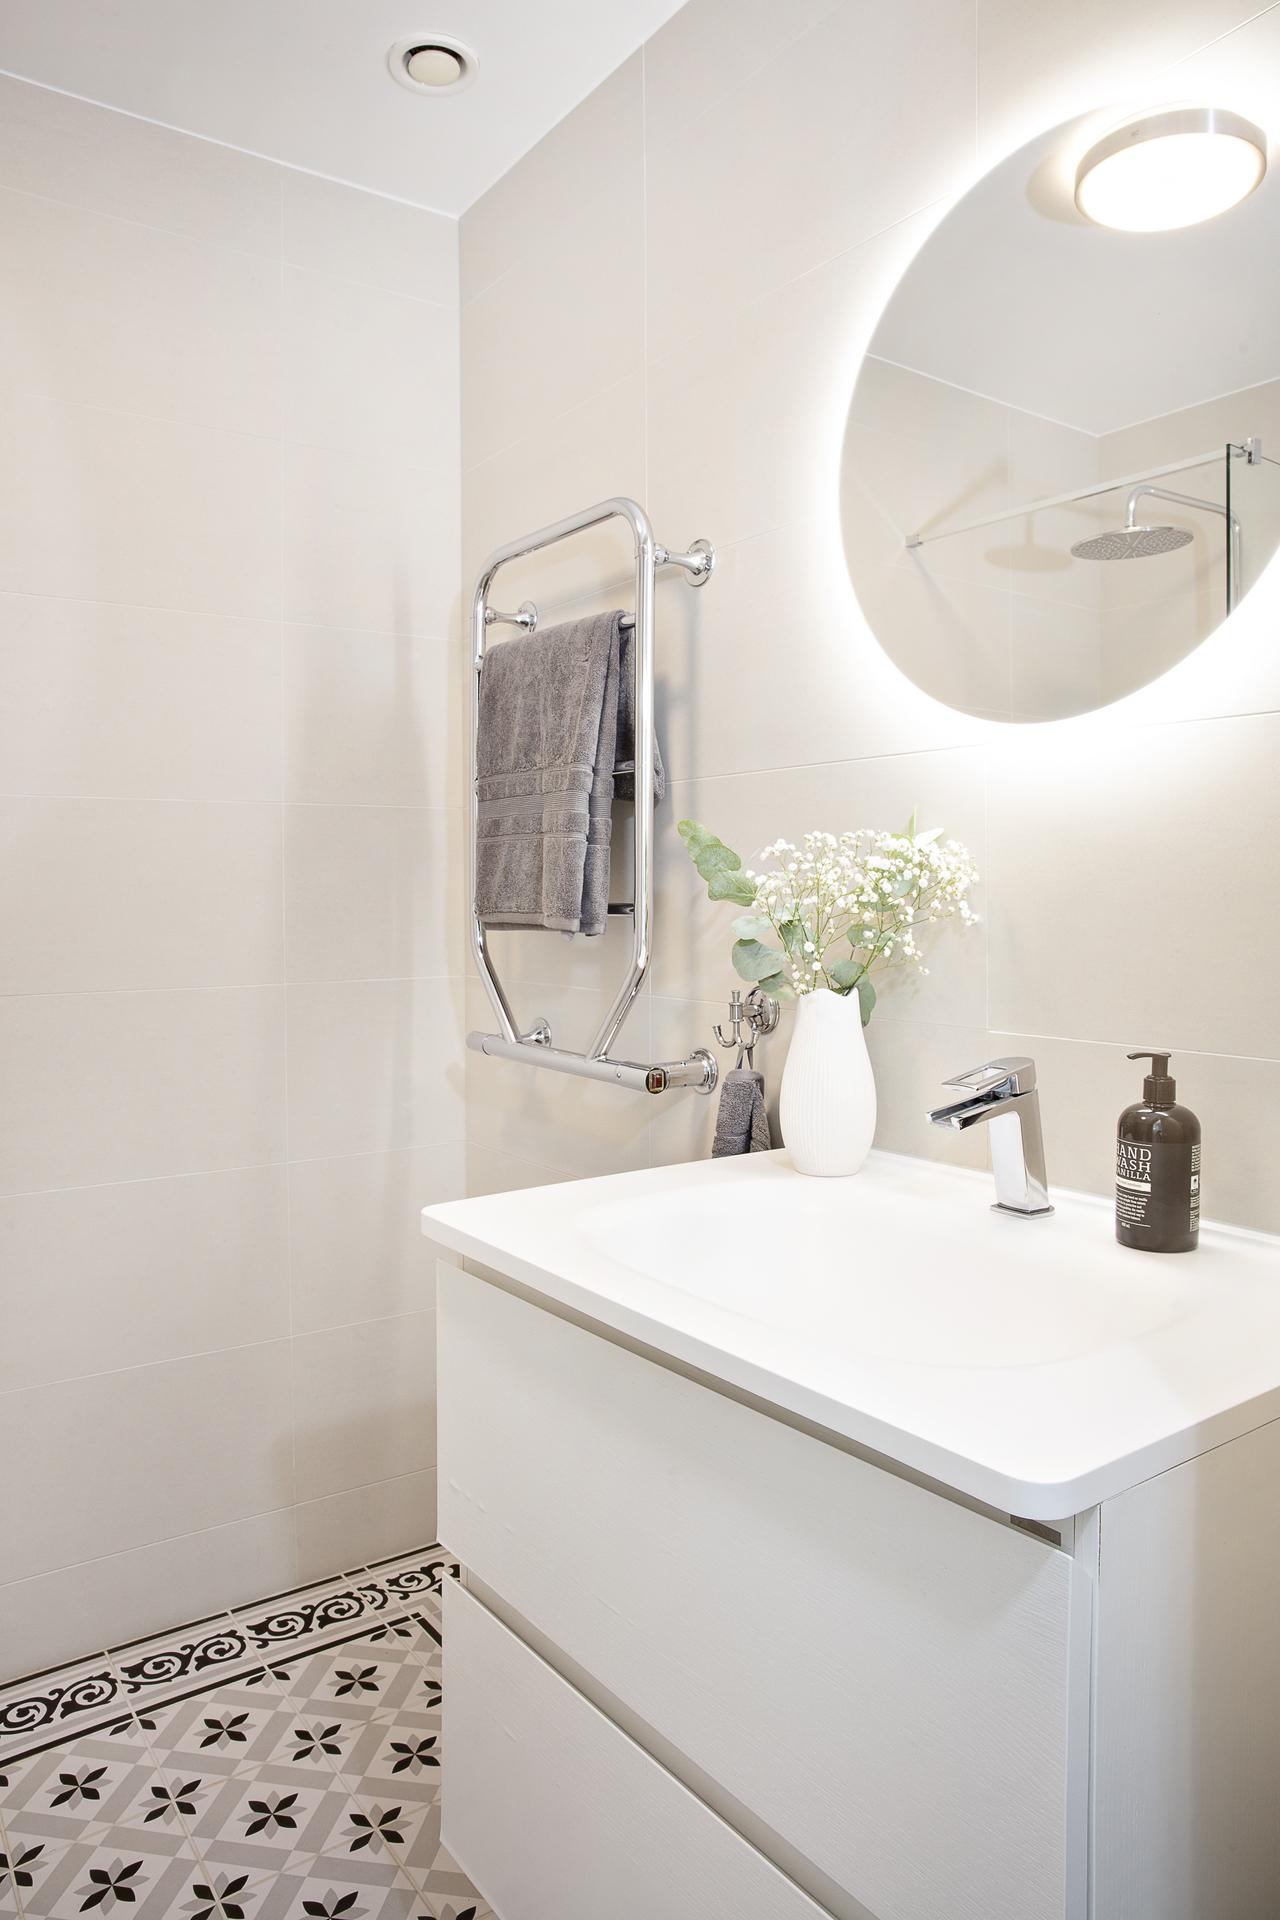 Badrum 2 - helkaklat med bl.a. bakbelyst spegel och vägghängd kommod